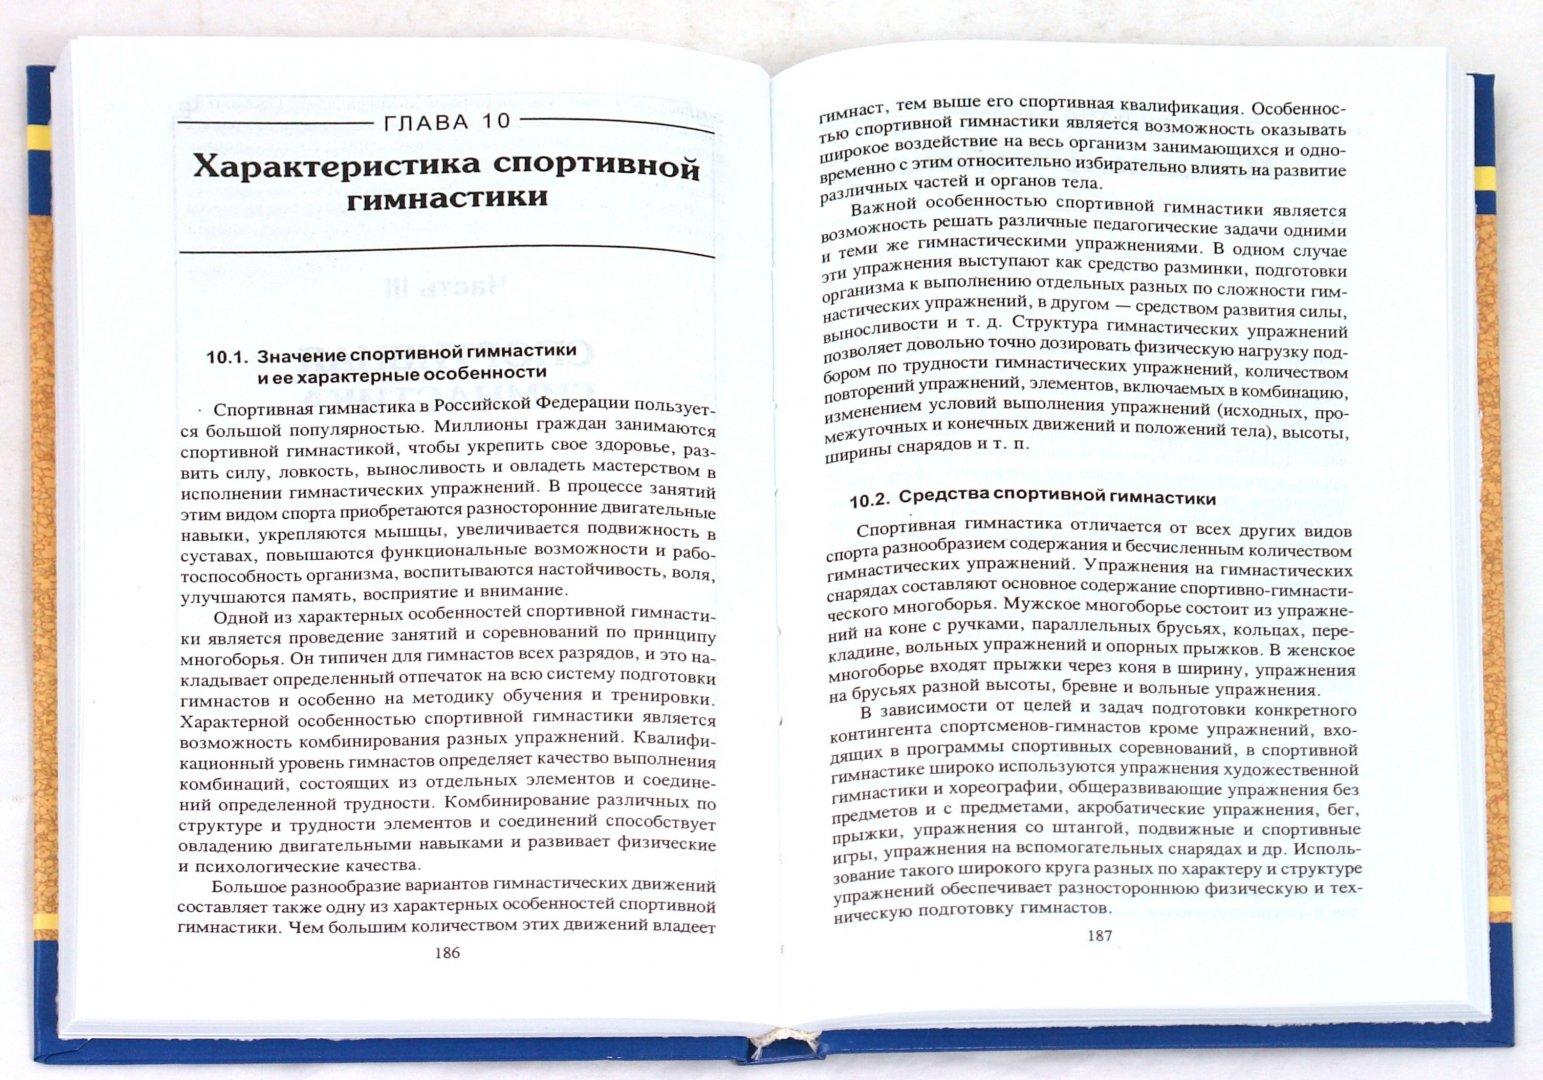 Иллюстрация 1 из 2 для Гимнастика: учебник - Баршай, Павлов, Курысь | Лабиринт - книги. Источник: Лабиринт